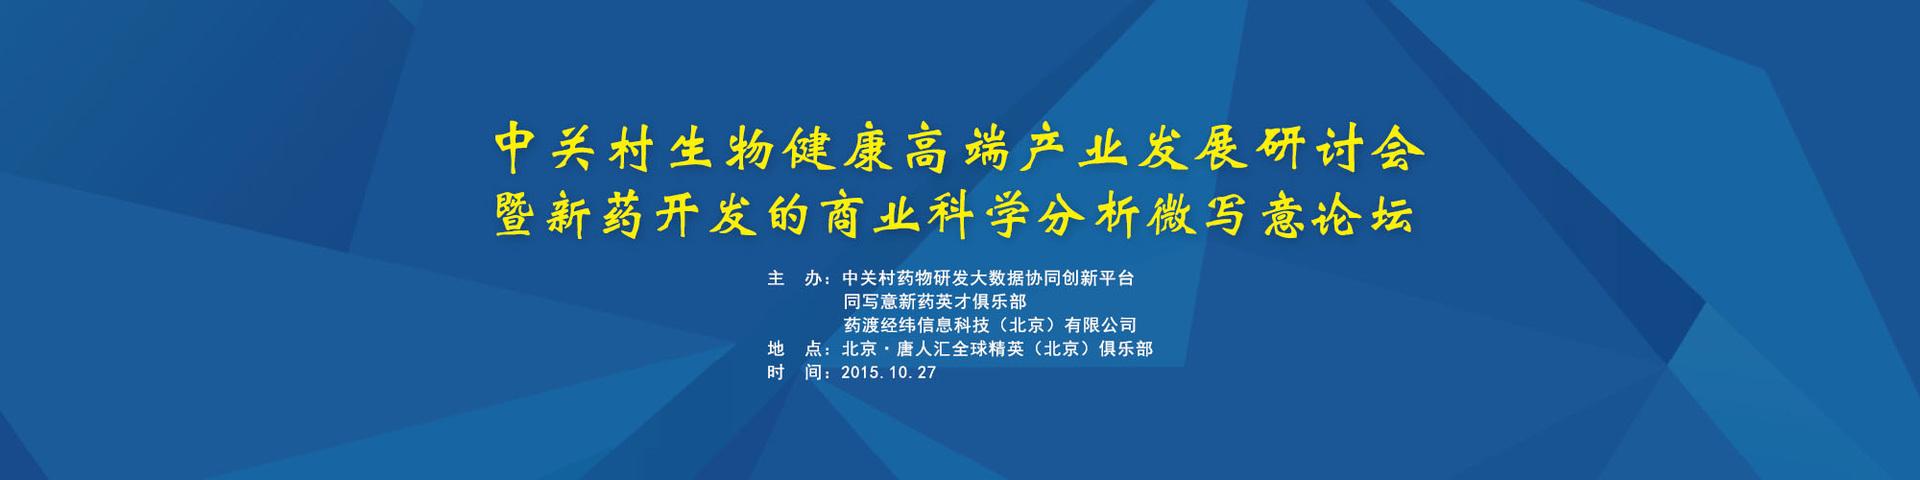 中关村生物健康高端产业发展研讨会 暨新药开发的商业科学分析微写意论坛